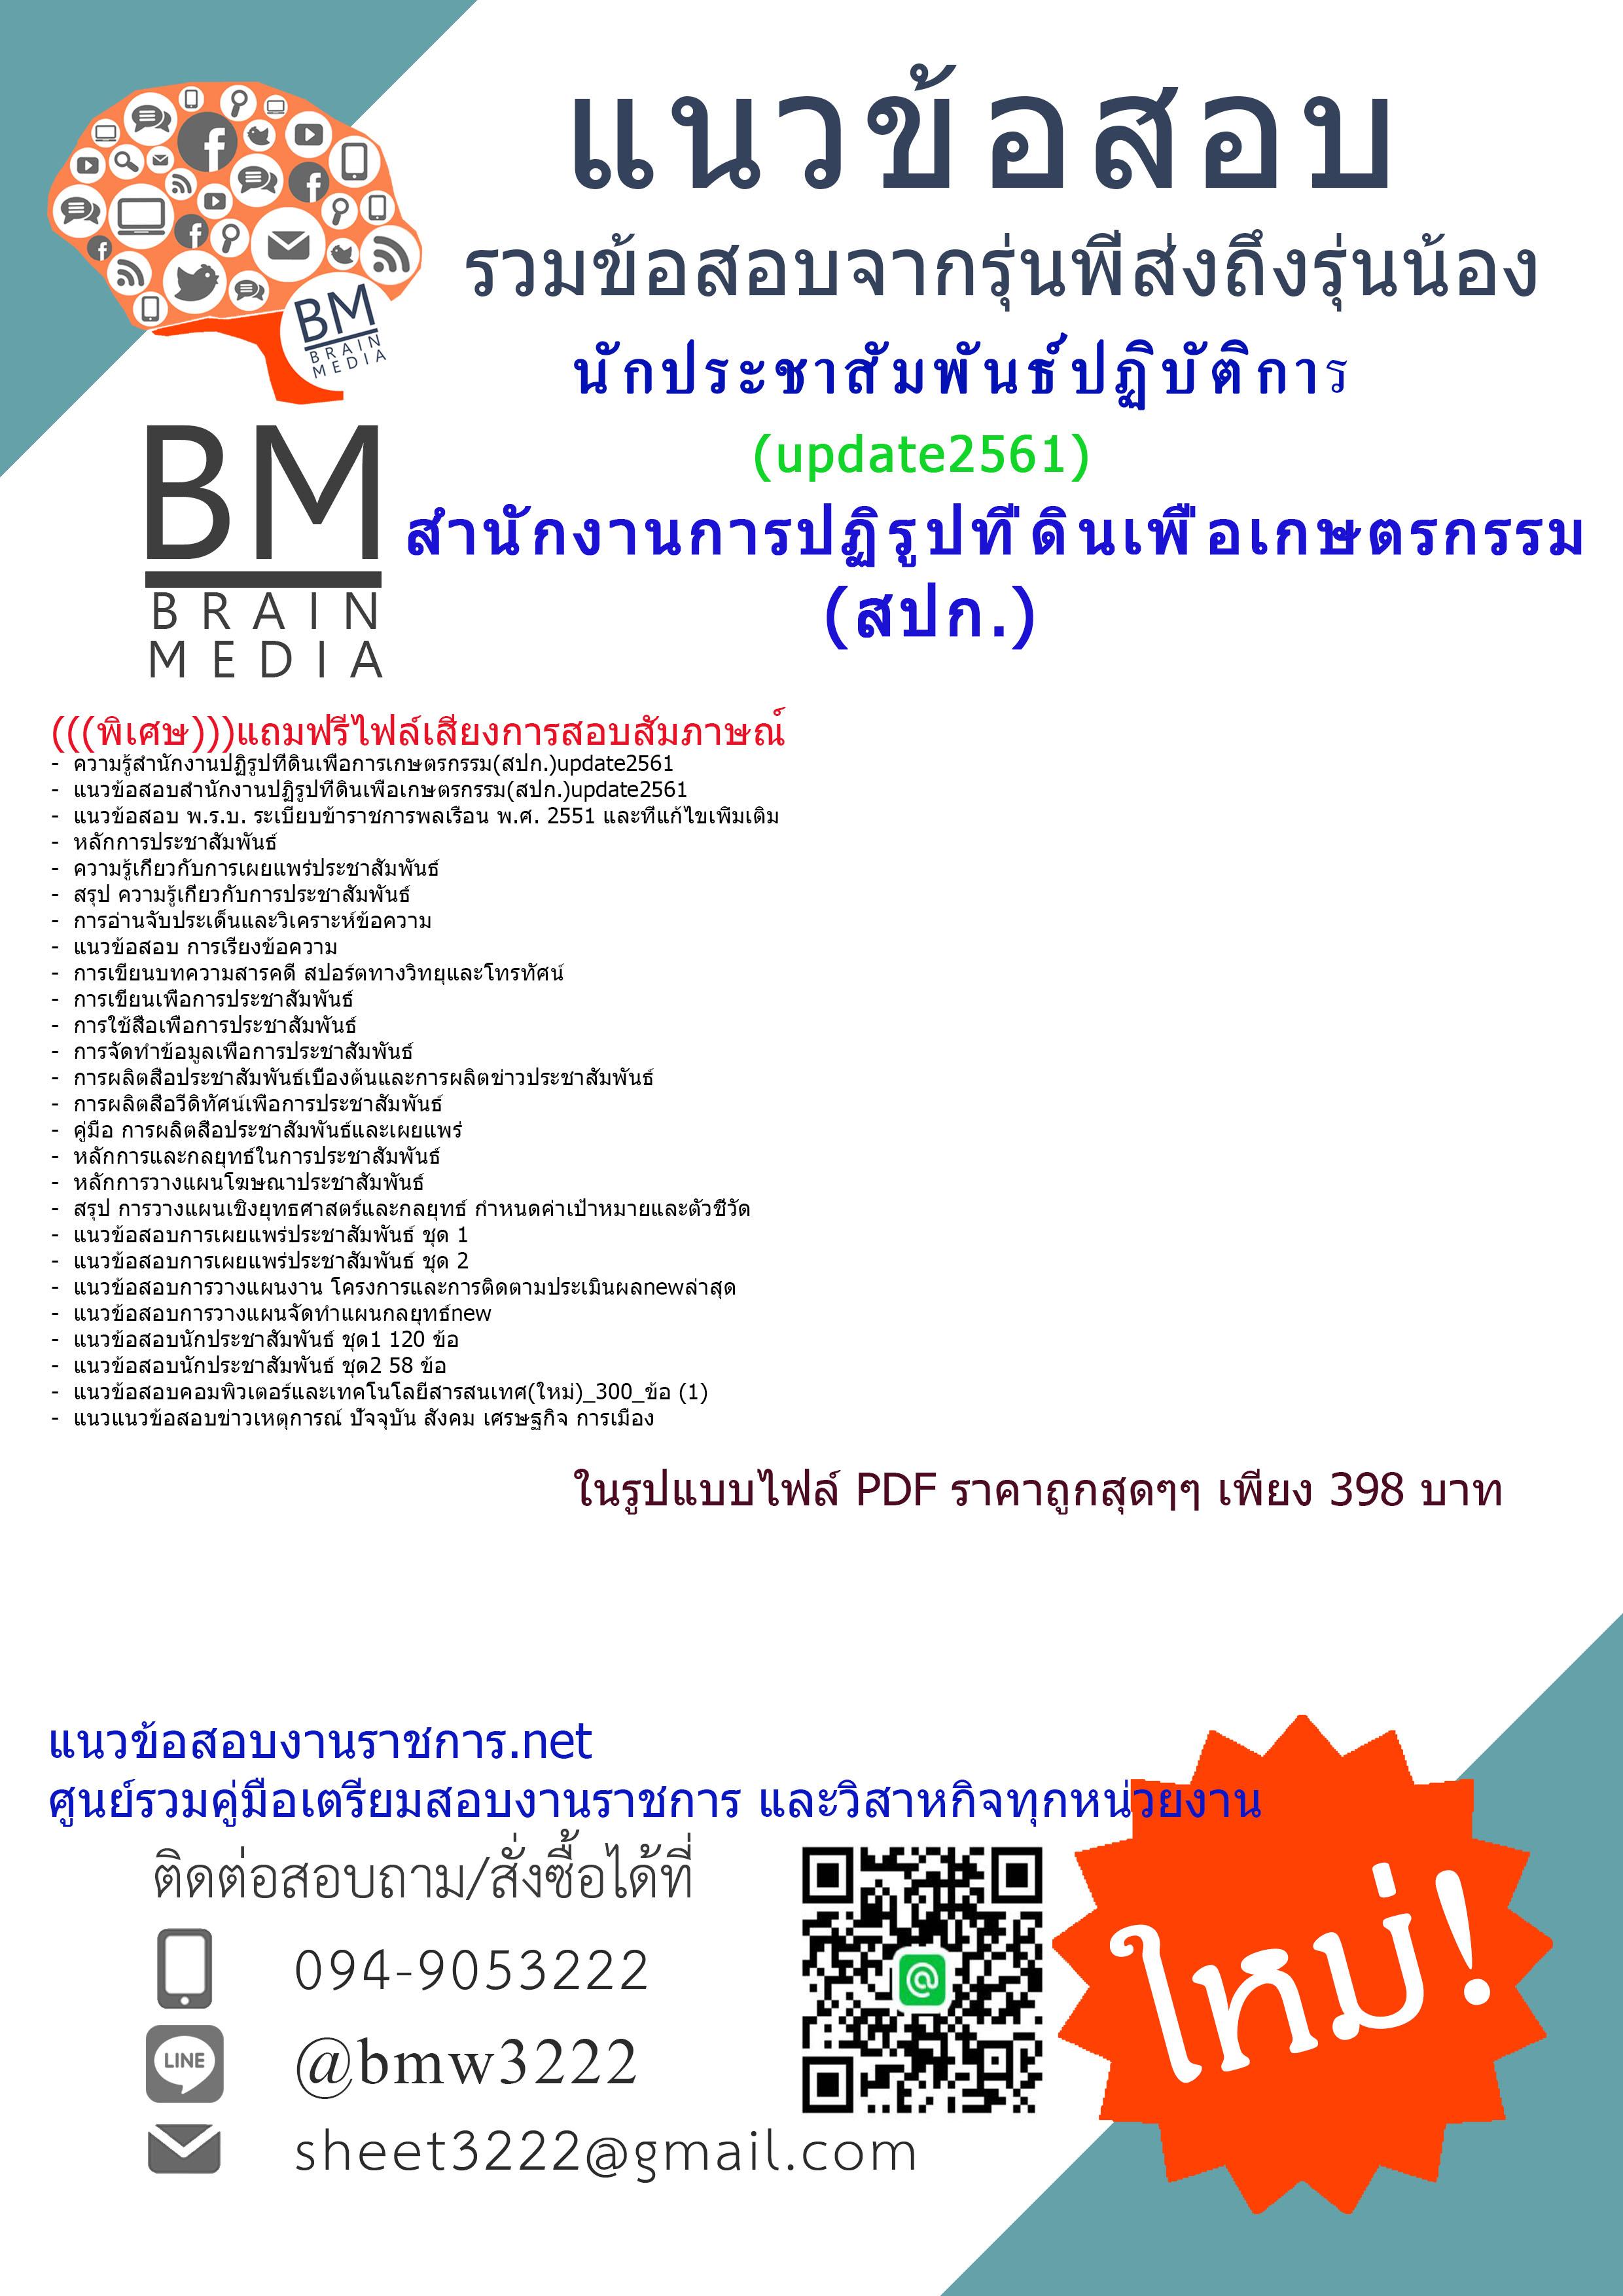 (((Updateสุด)))แนวข้อสอบนักประชาสัมพันธ์ปฏิบัติการสำนักงานการปฏิรูปที่ดินเพื่อเกษตรกรรม(สปก.)2561